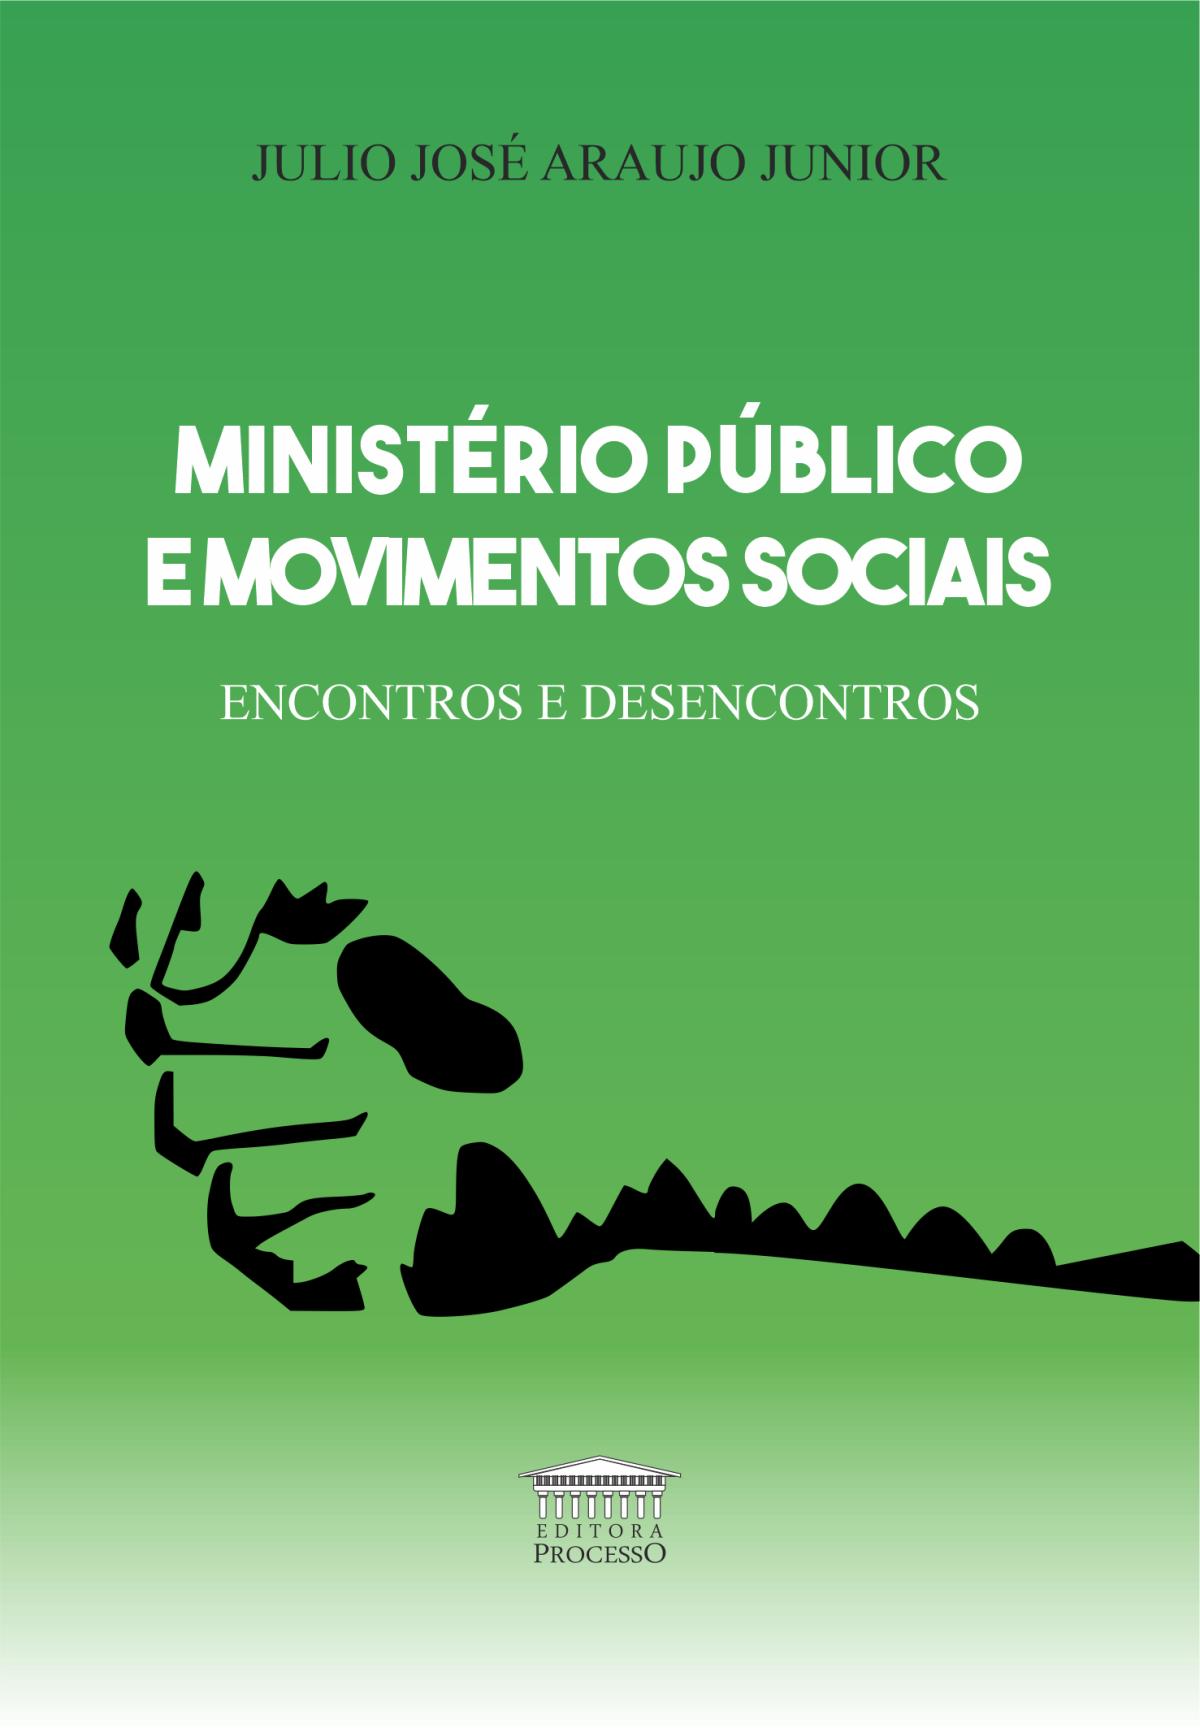 Foto 1 - Ministério Público e Movimentos Sociais - Encontros e Desencontros